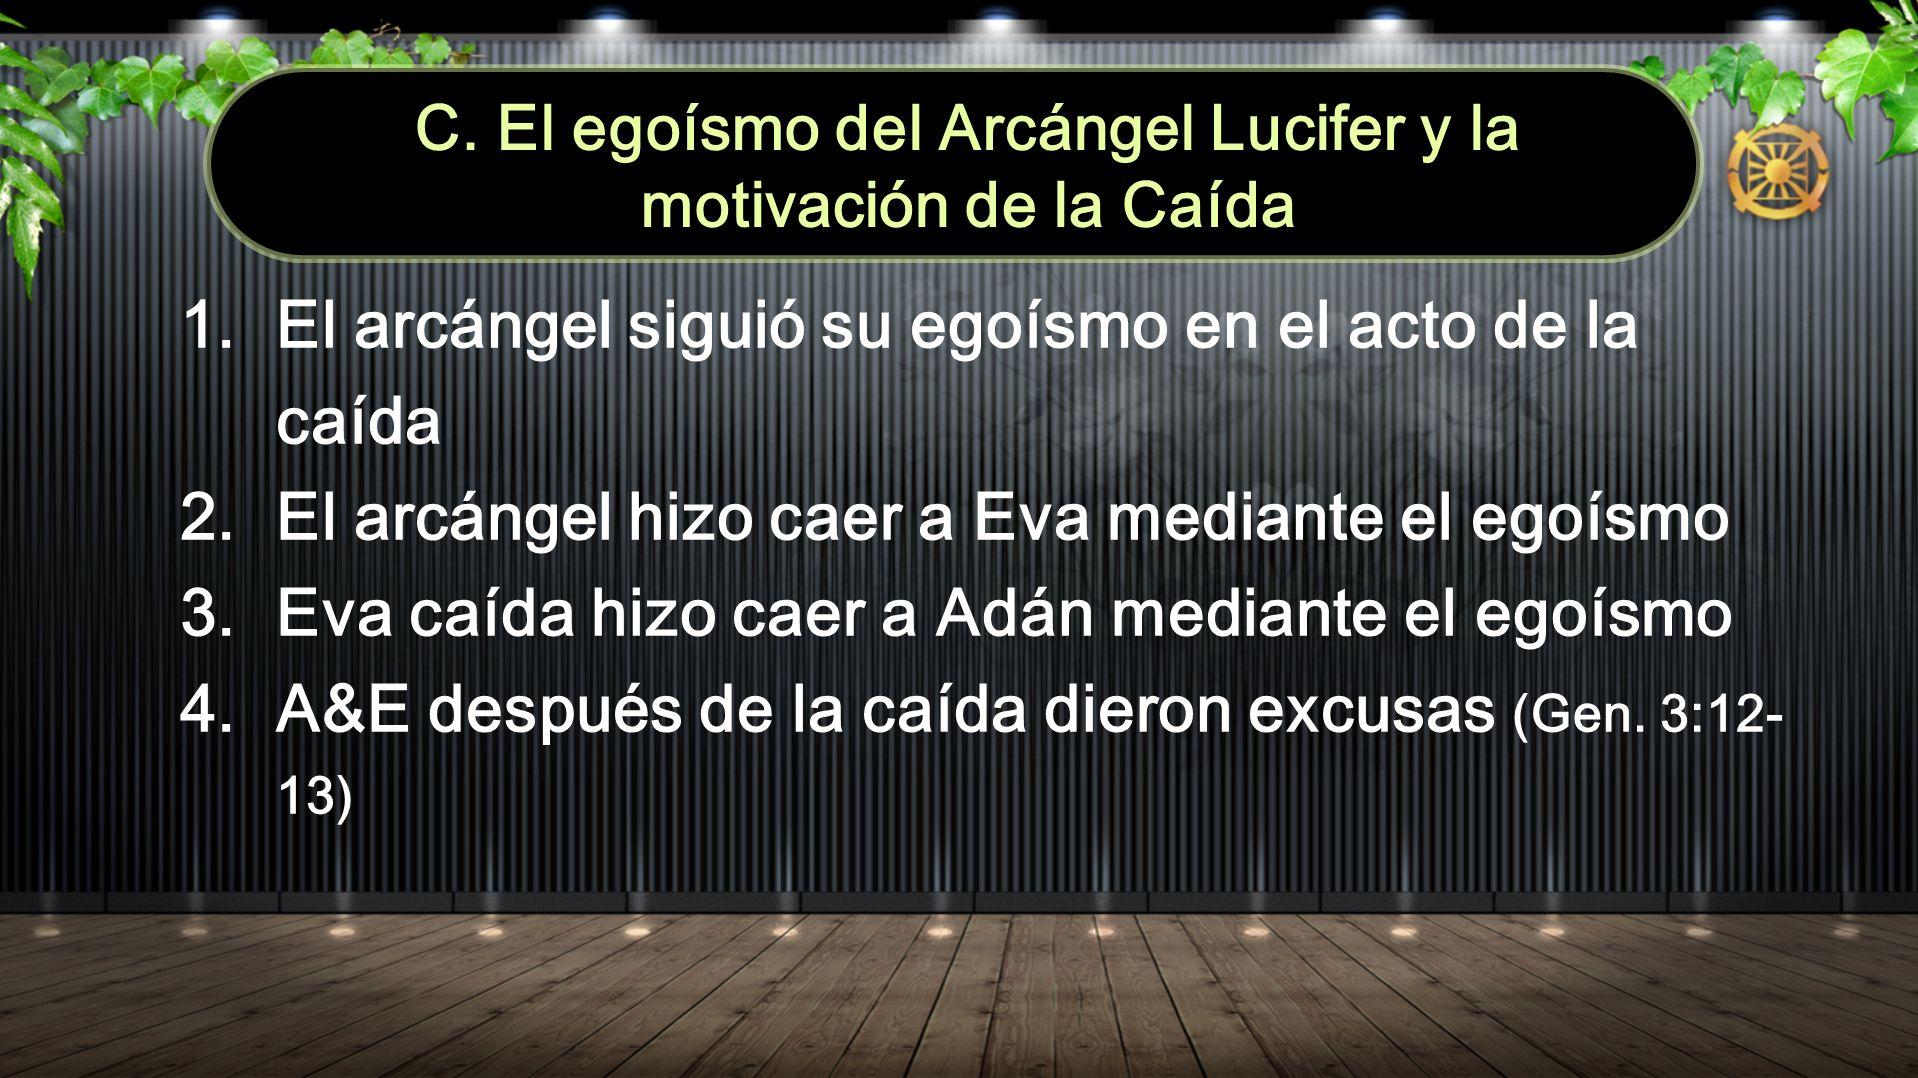 C. El egoísmo del Arcángel Lucifer y la